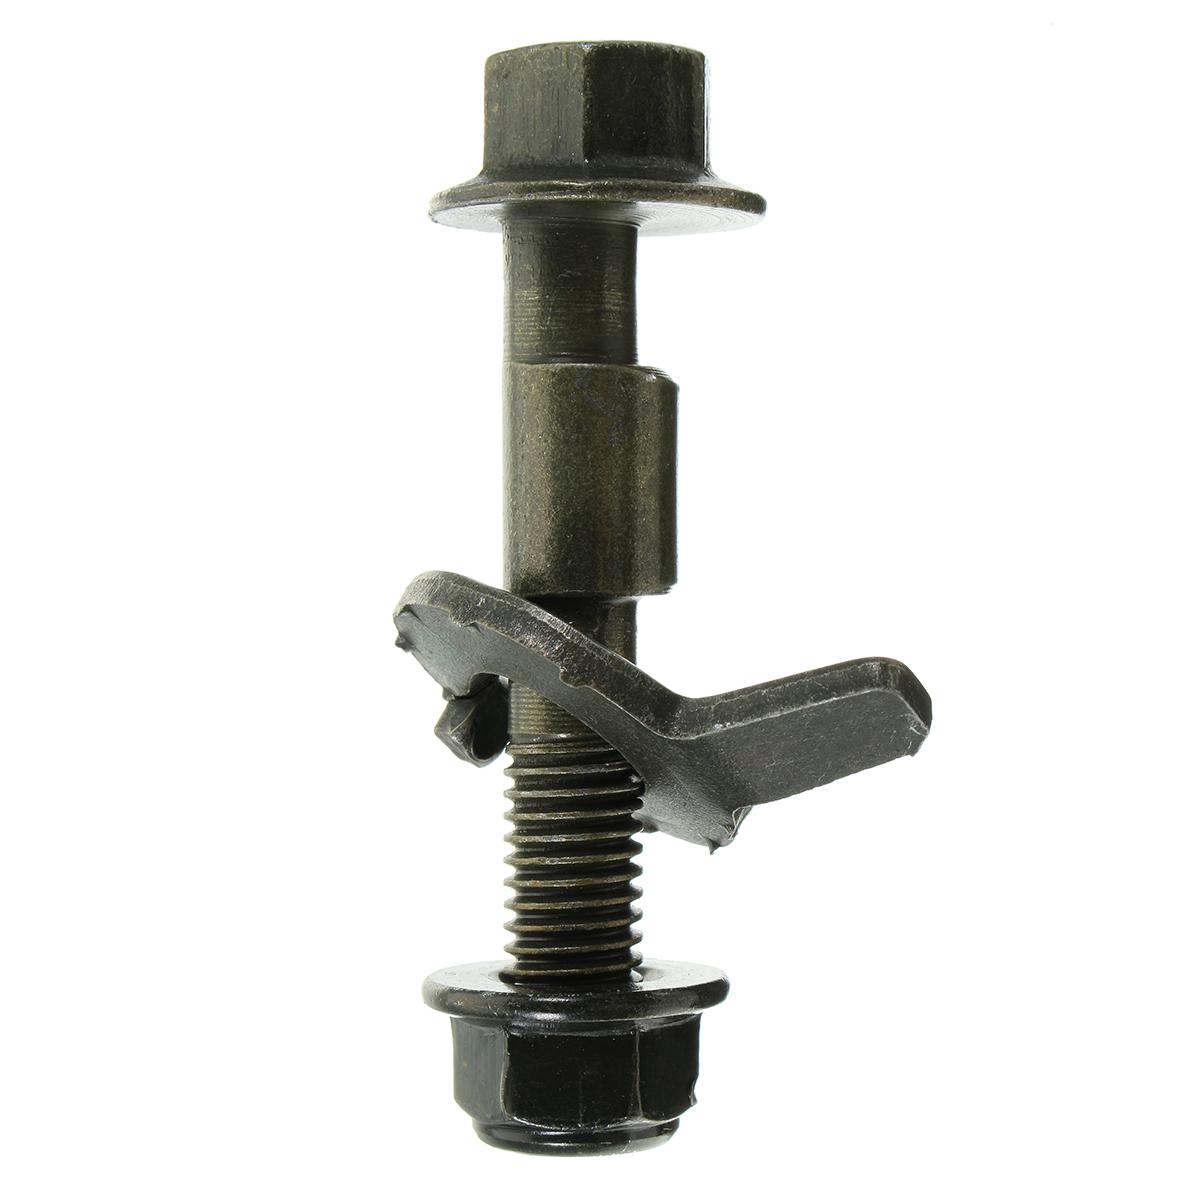 4pcs Four Wheel Alignment Camber Bolt 10 9 Eccentric Screw Green 12mm Car Repair Tool Alexnld Com